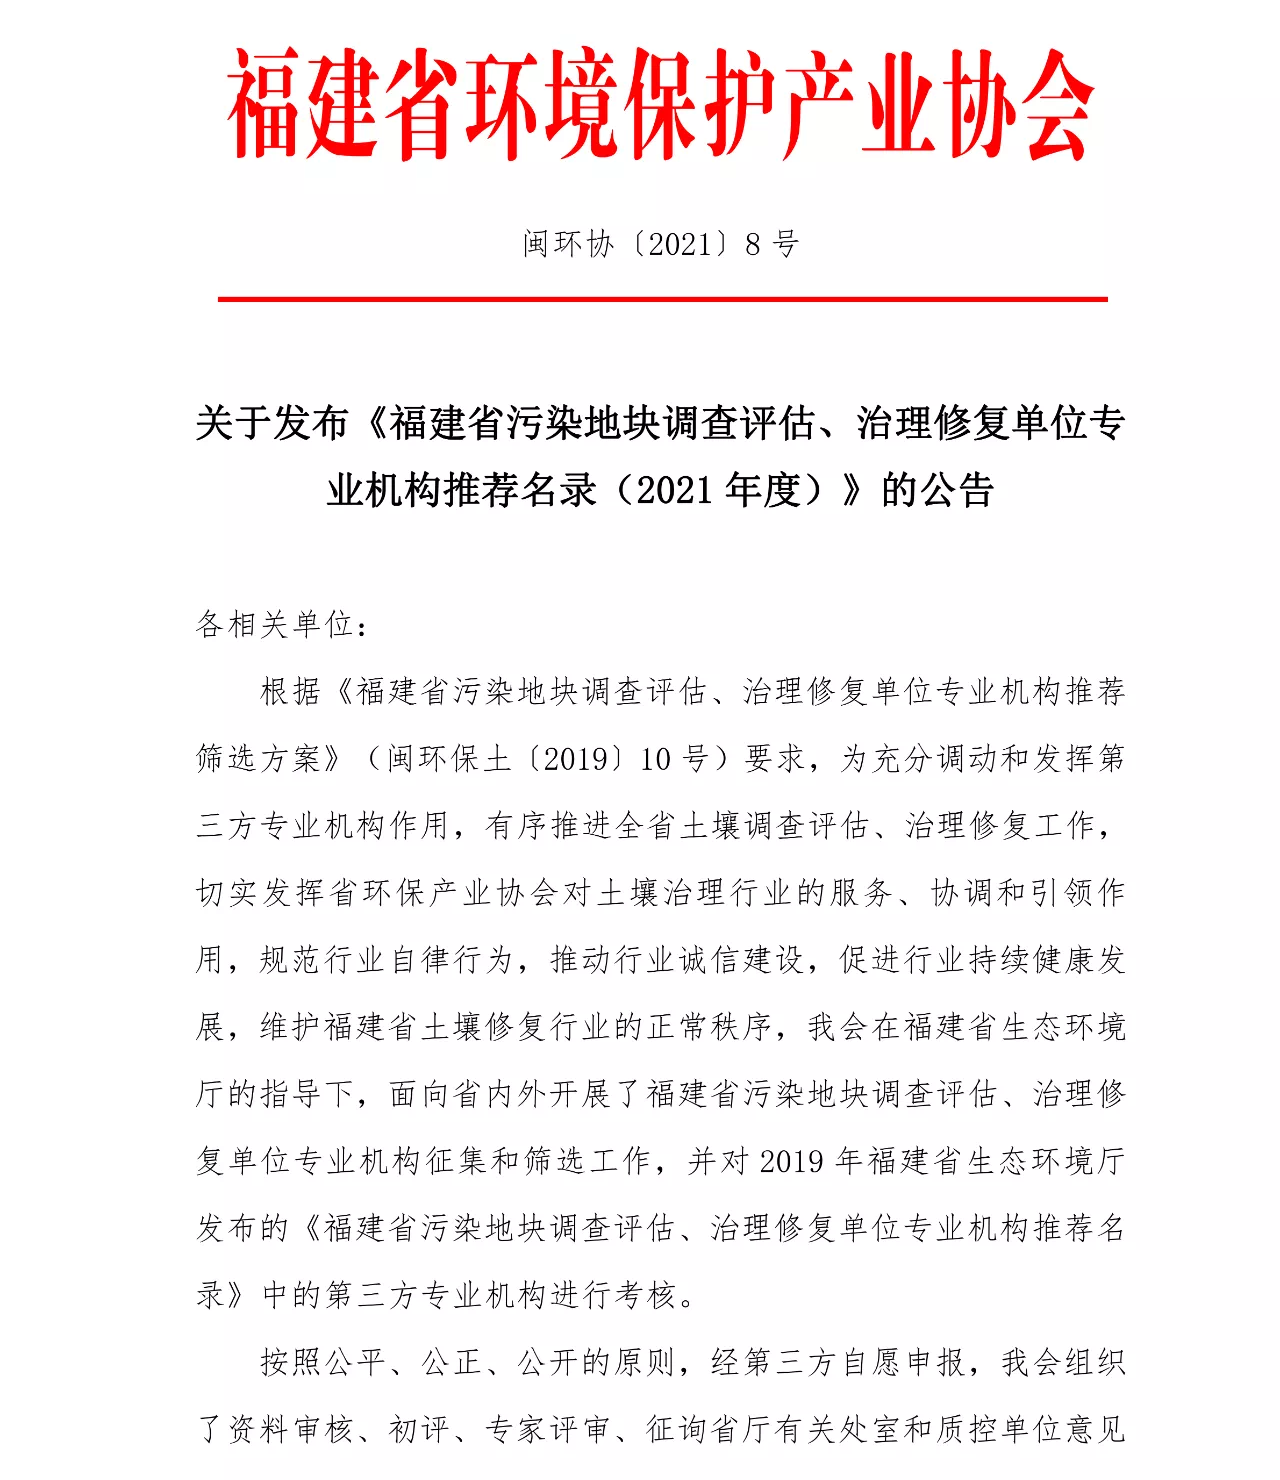 中凯检测入选《福建省污染地块调查评估、治理修复单位专业机构推荐名录(2021年度)》